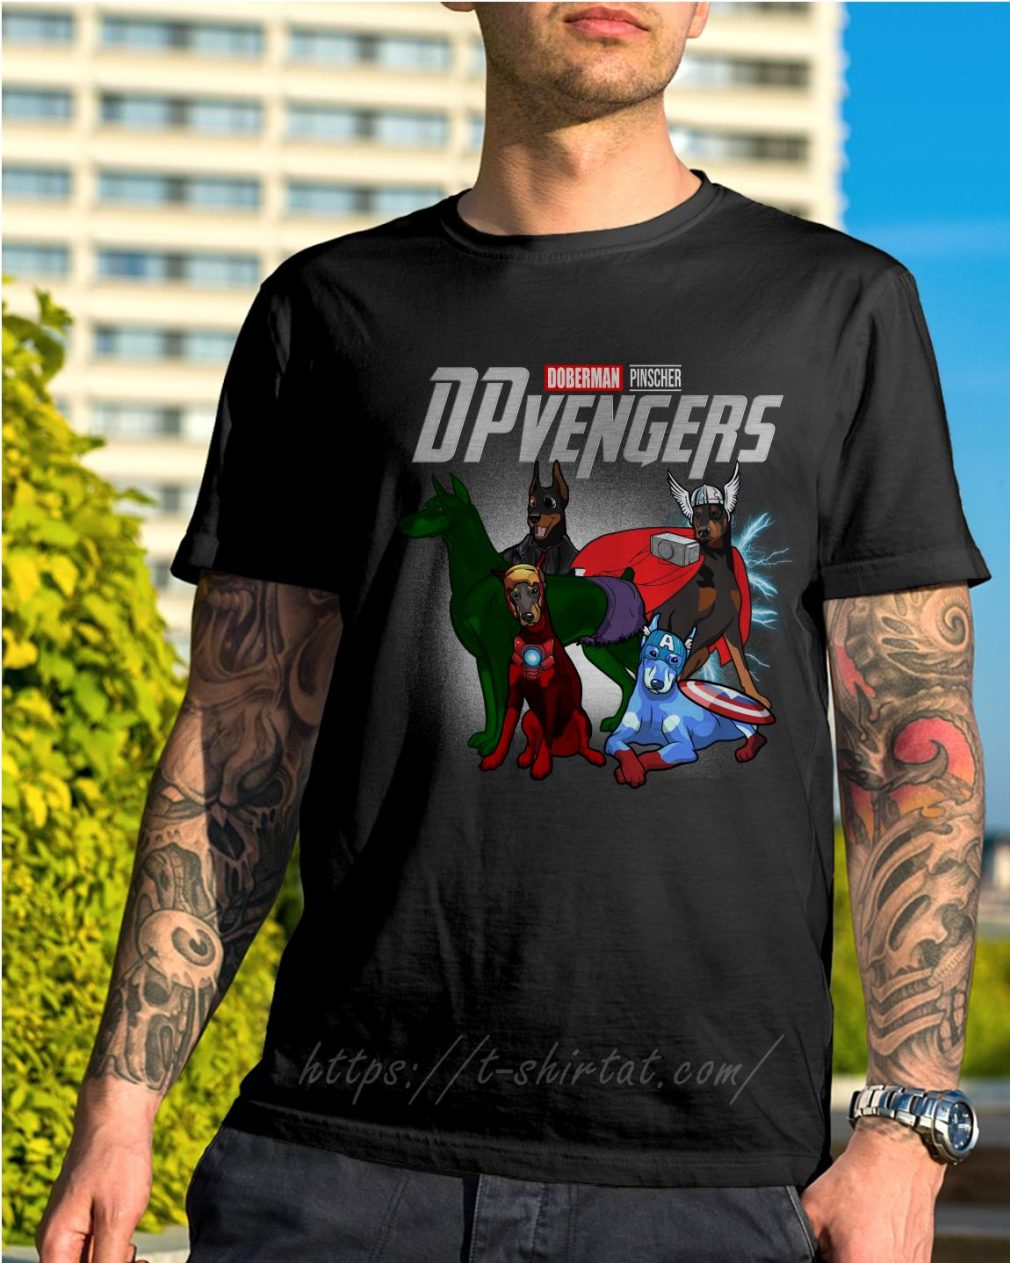 Marvel Doberman Pinscher DPvengers shirt